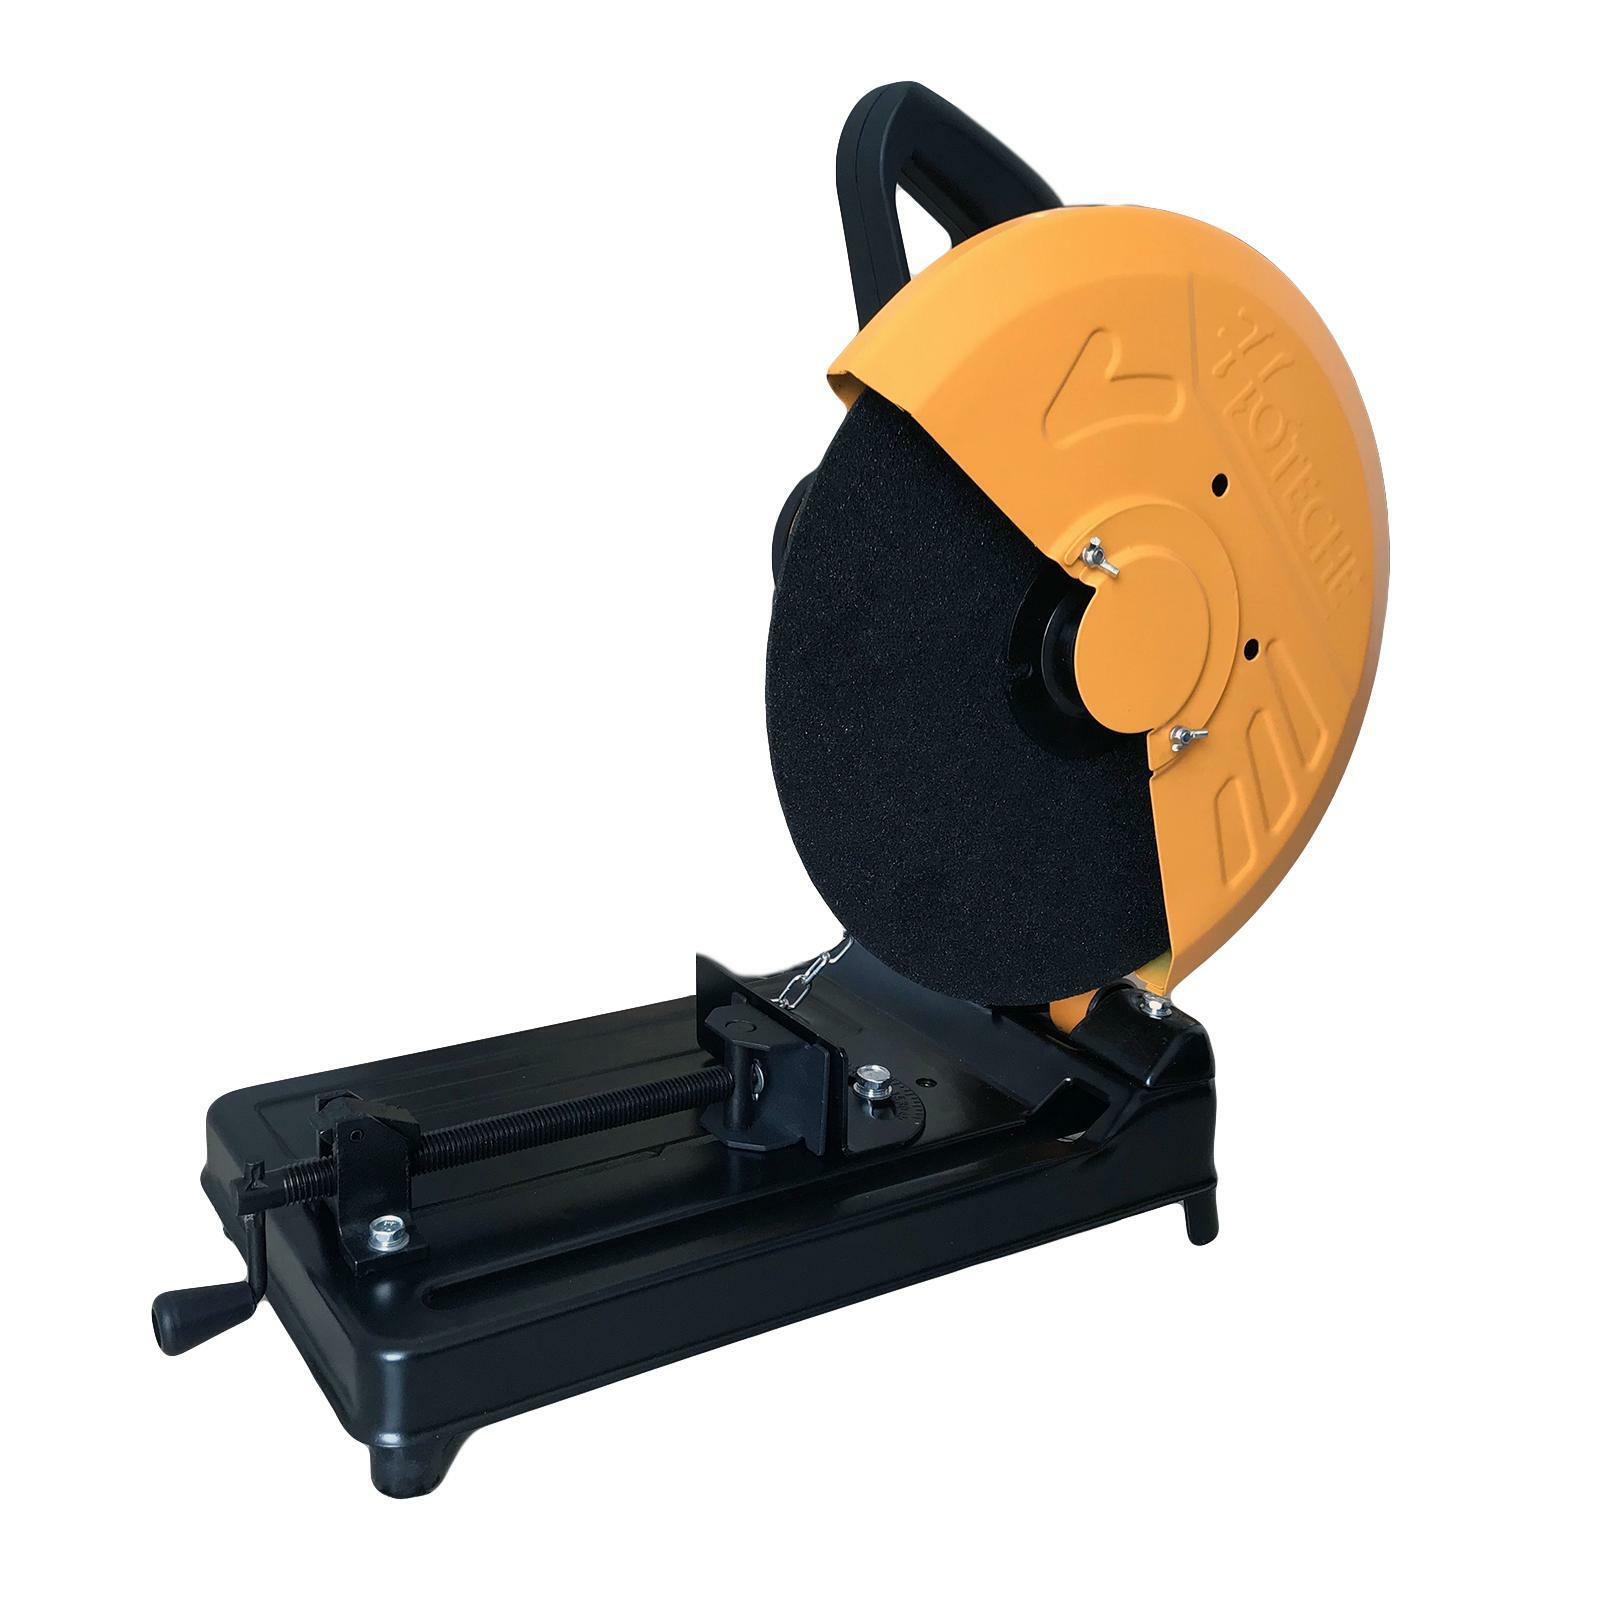 hoteche troncatrice per ferro 355mm potenza 1800w